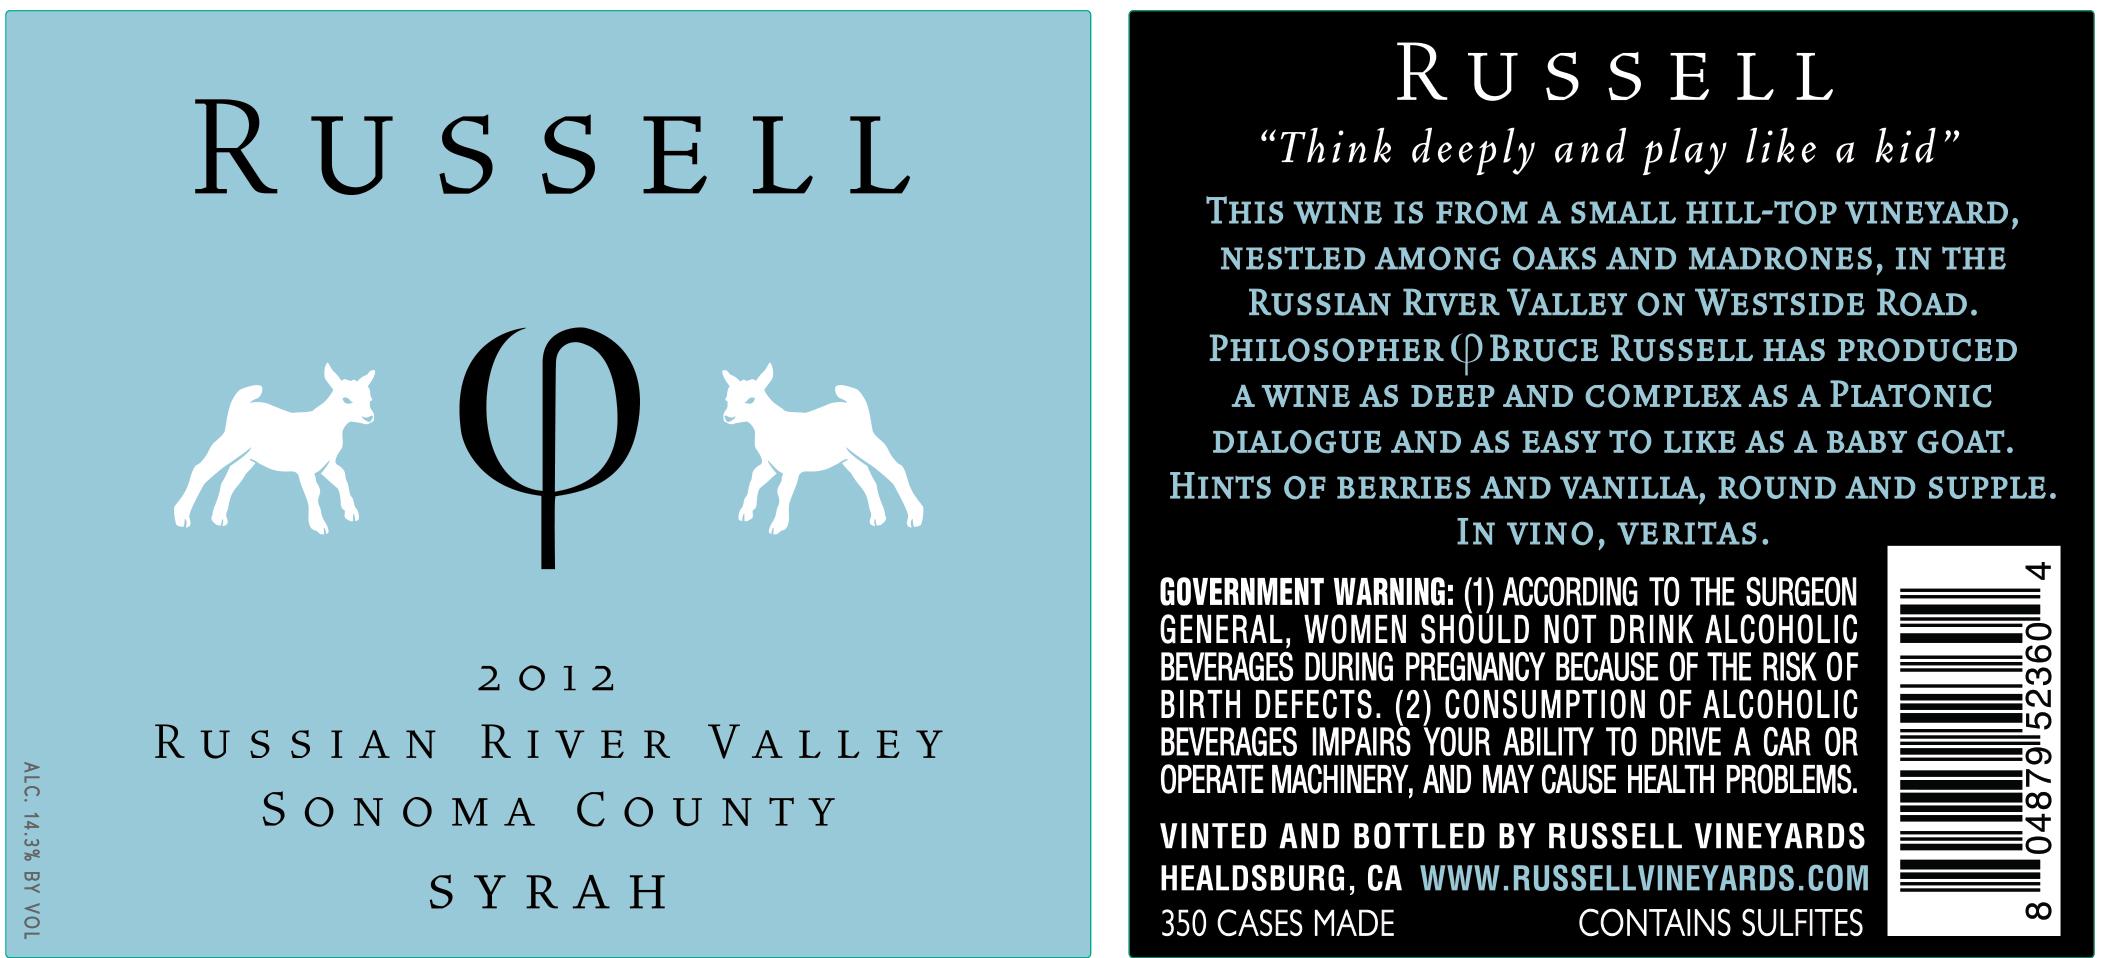 russellabel2.jpg